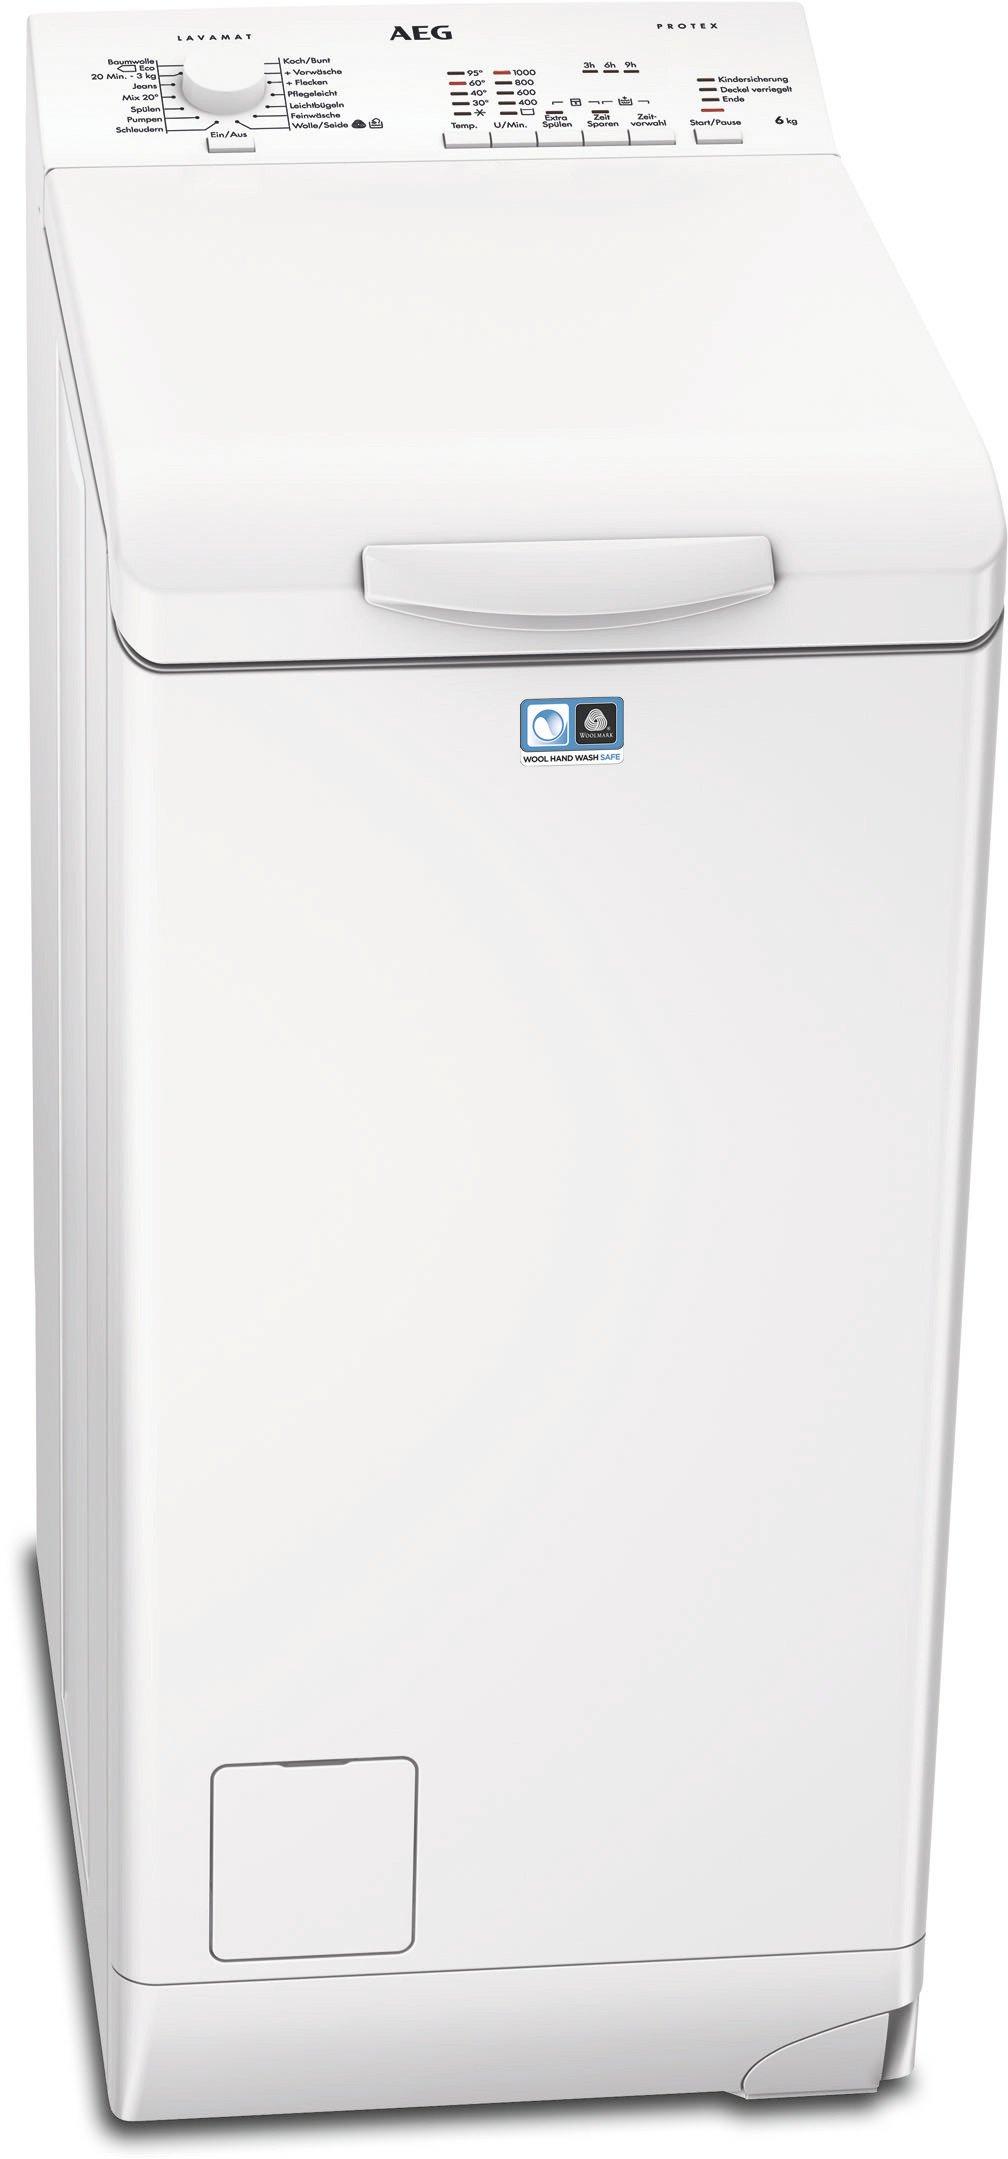 AEG-L51060TL-Waschmaschine-Toplader-60-kg-Nachlegefunktion-Kindersicherung-1000-Umin